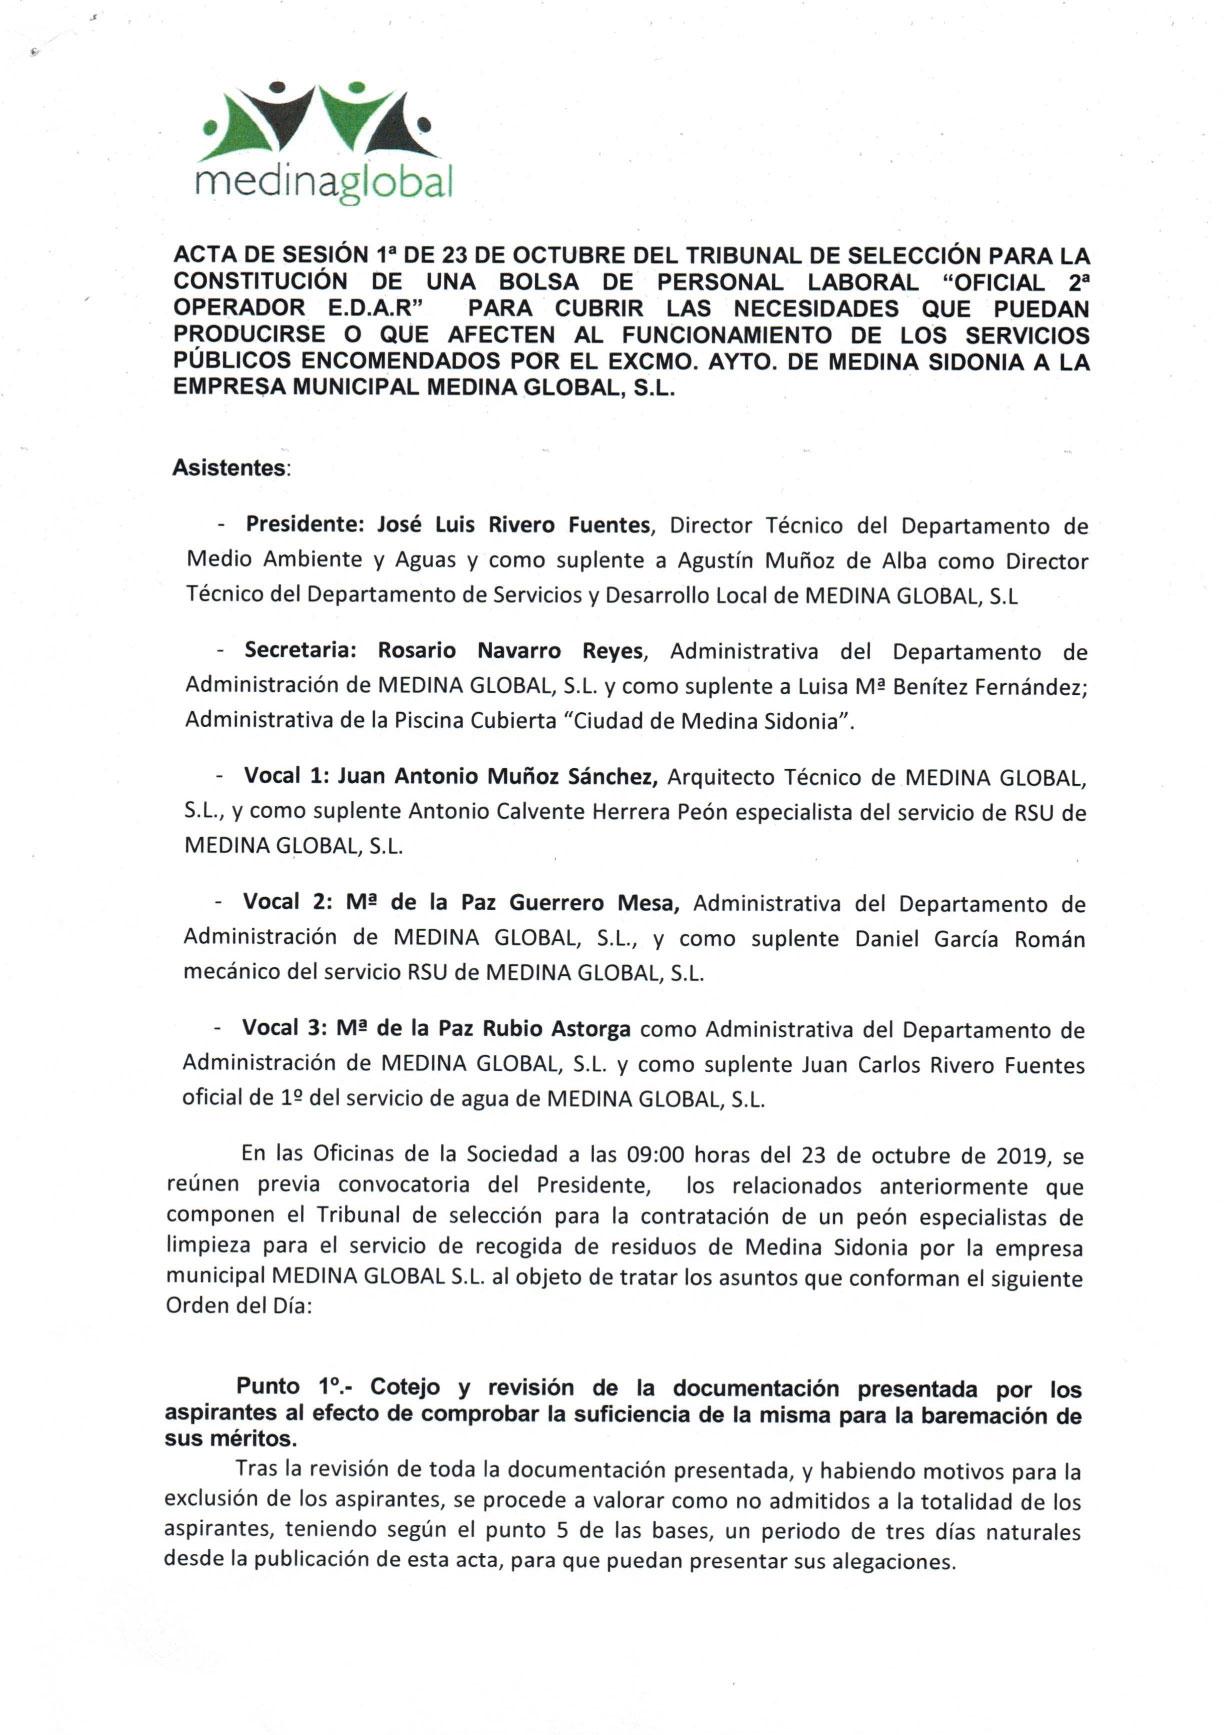 ACTA 1ª MESA DE VALORACION LISTA ADMITIDOS Y EXCLUIDOS OFICIAL 2º OPERADOR EDAR-1